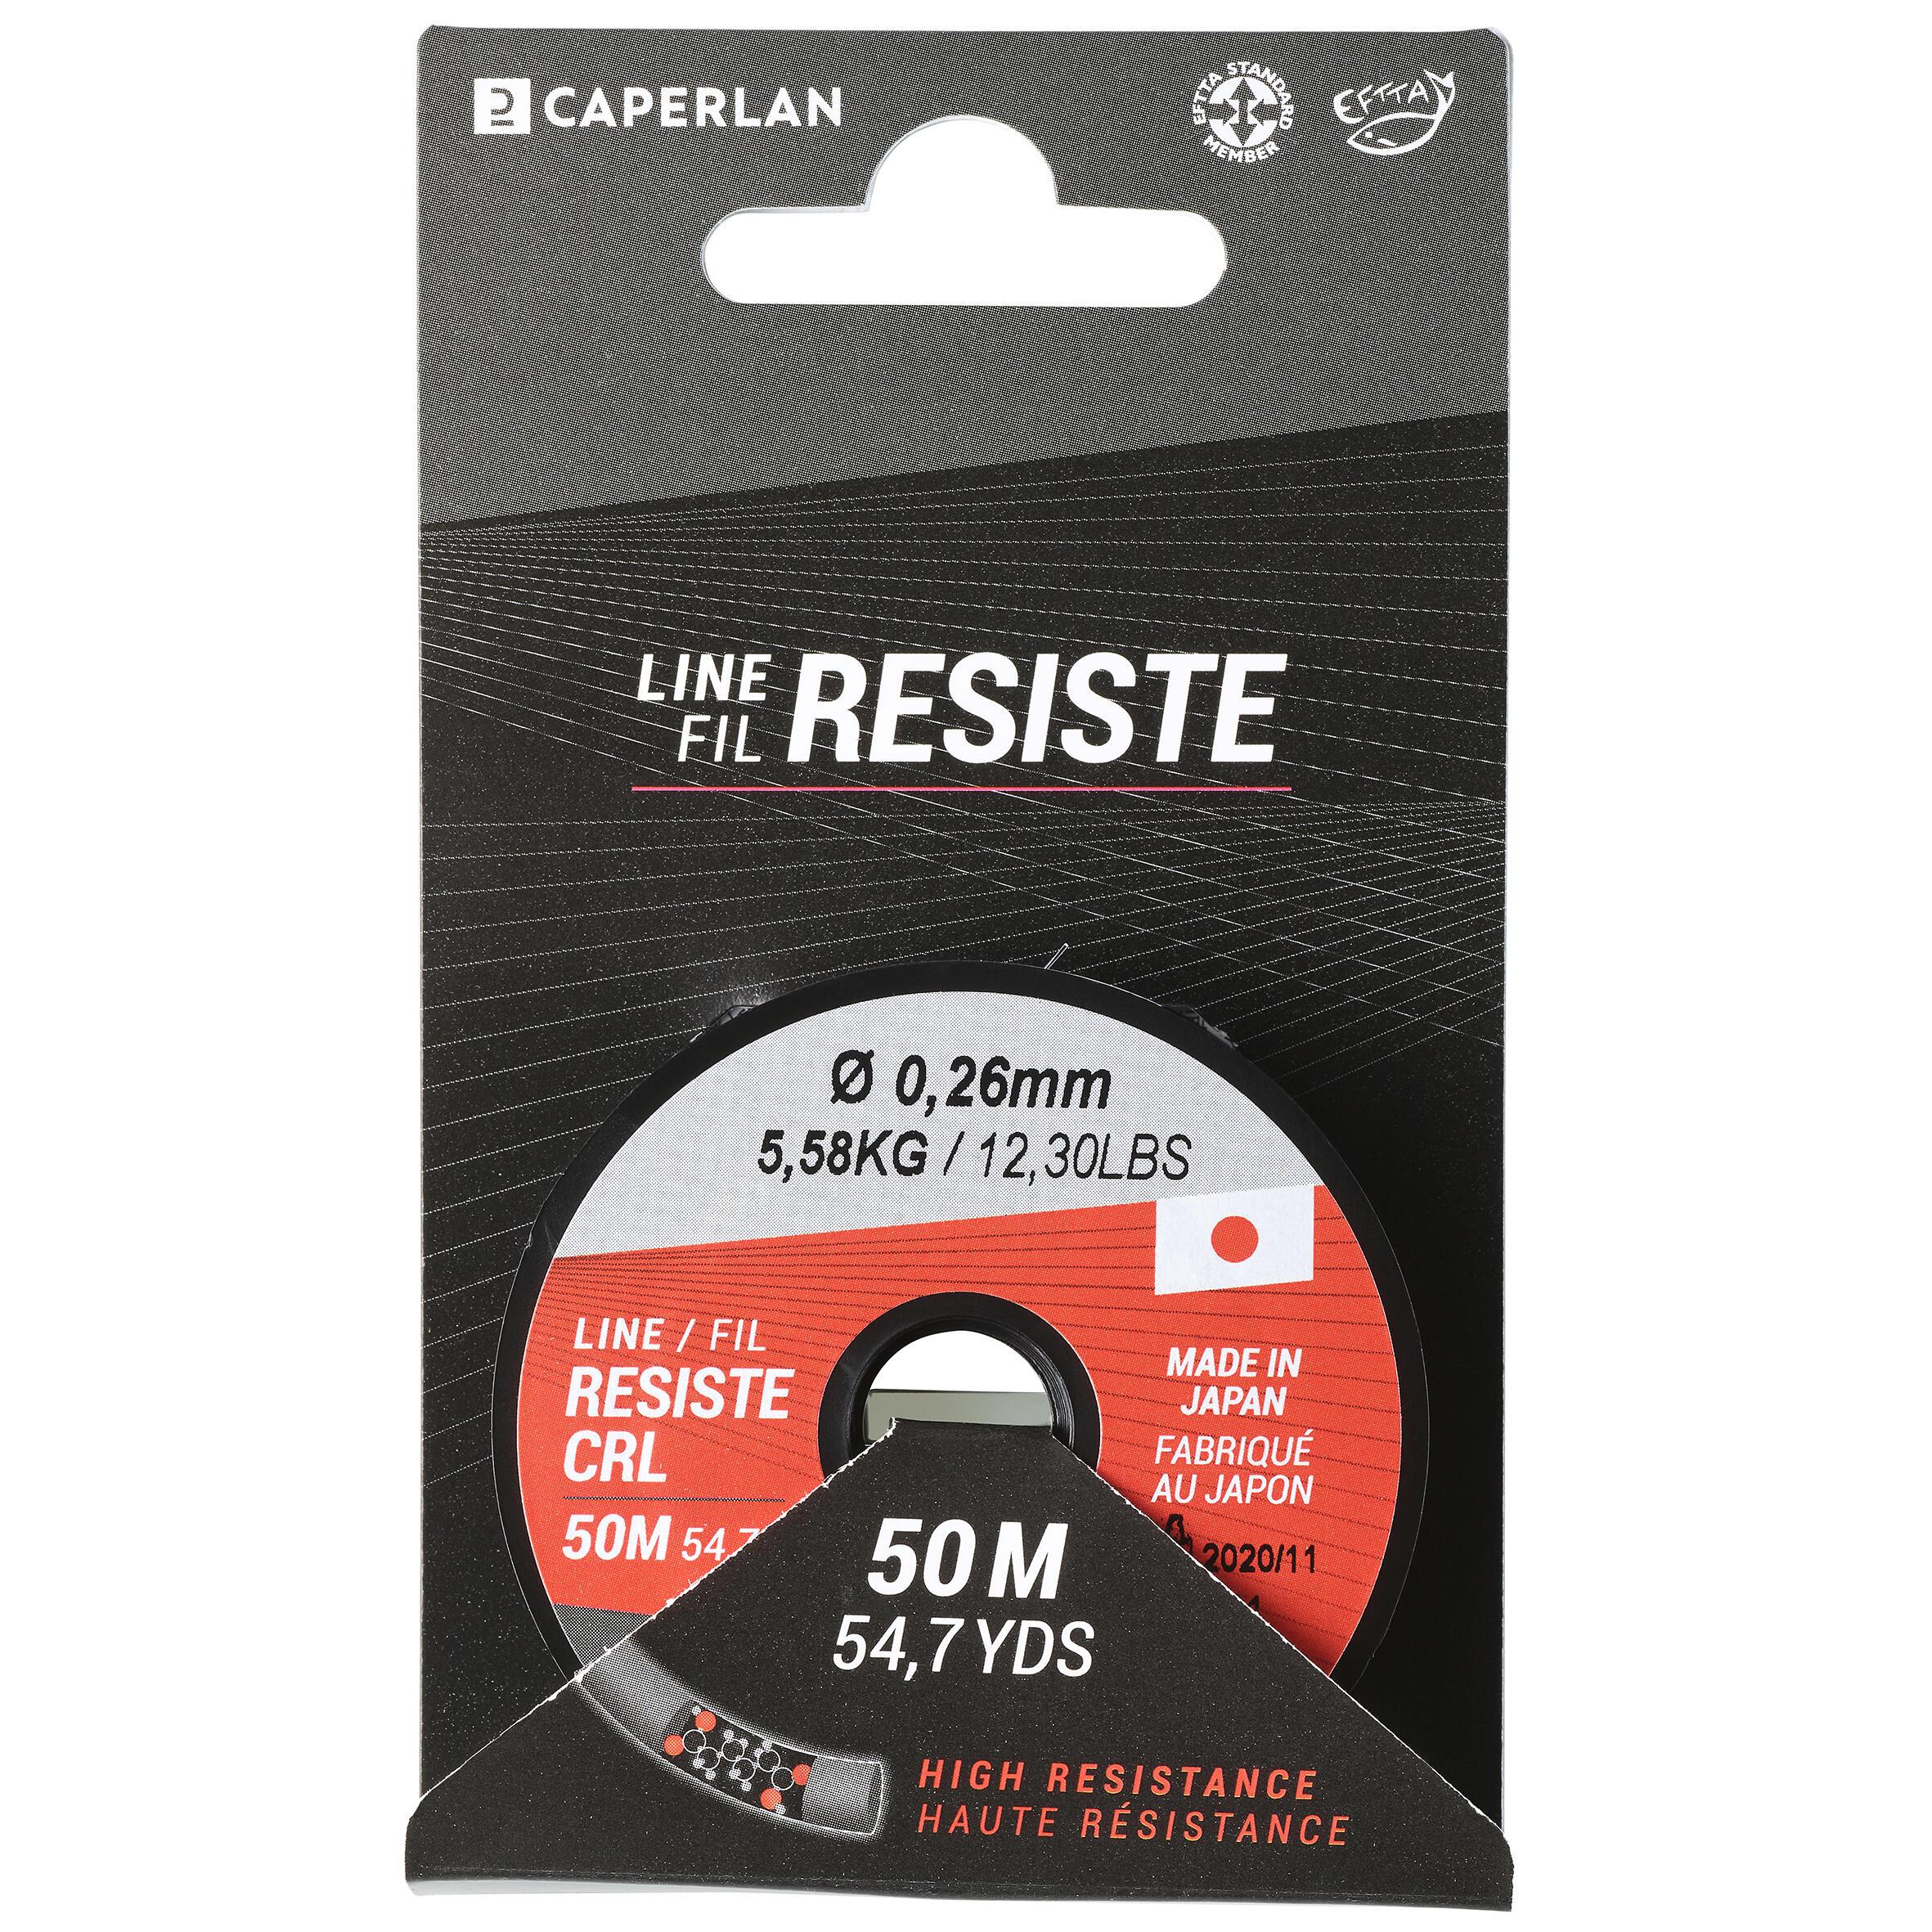 Fir Resist Cristal 50m 26/100 la Reducere poza